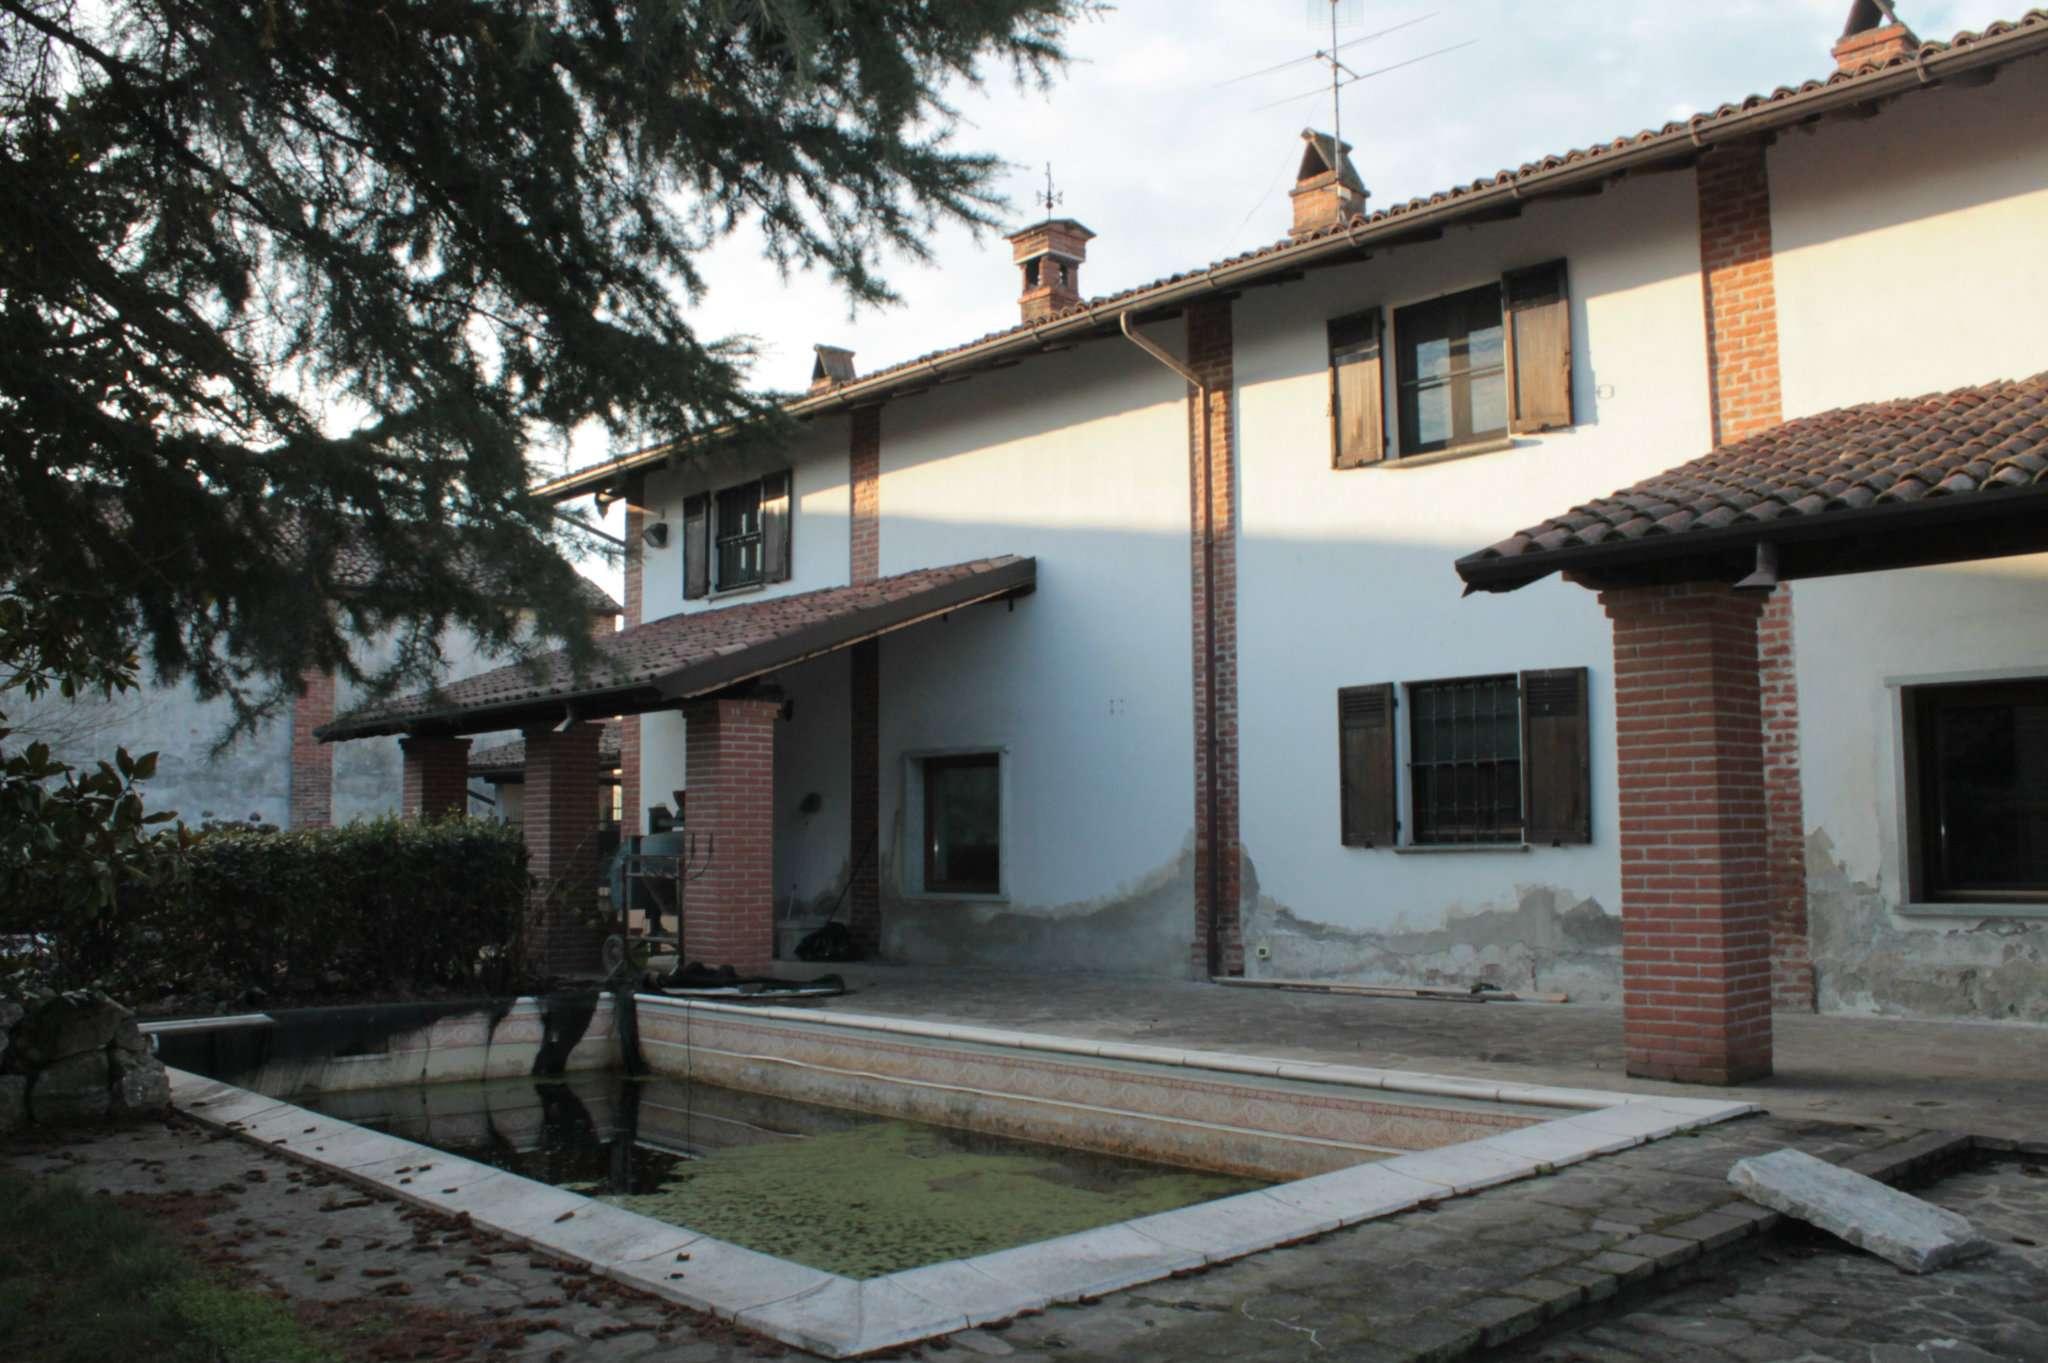 Rustico / Casale in vendita a Mezzana Rabattone, 7 locali, prezzo € 160.000 | CambioCasa.it